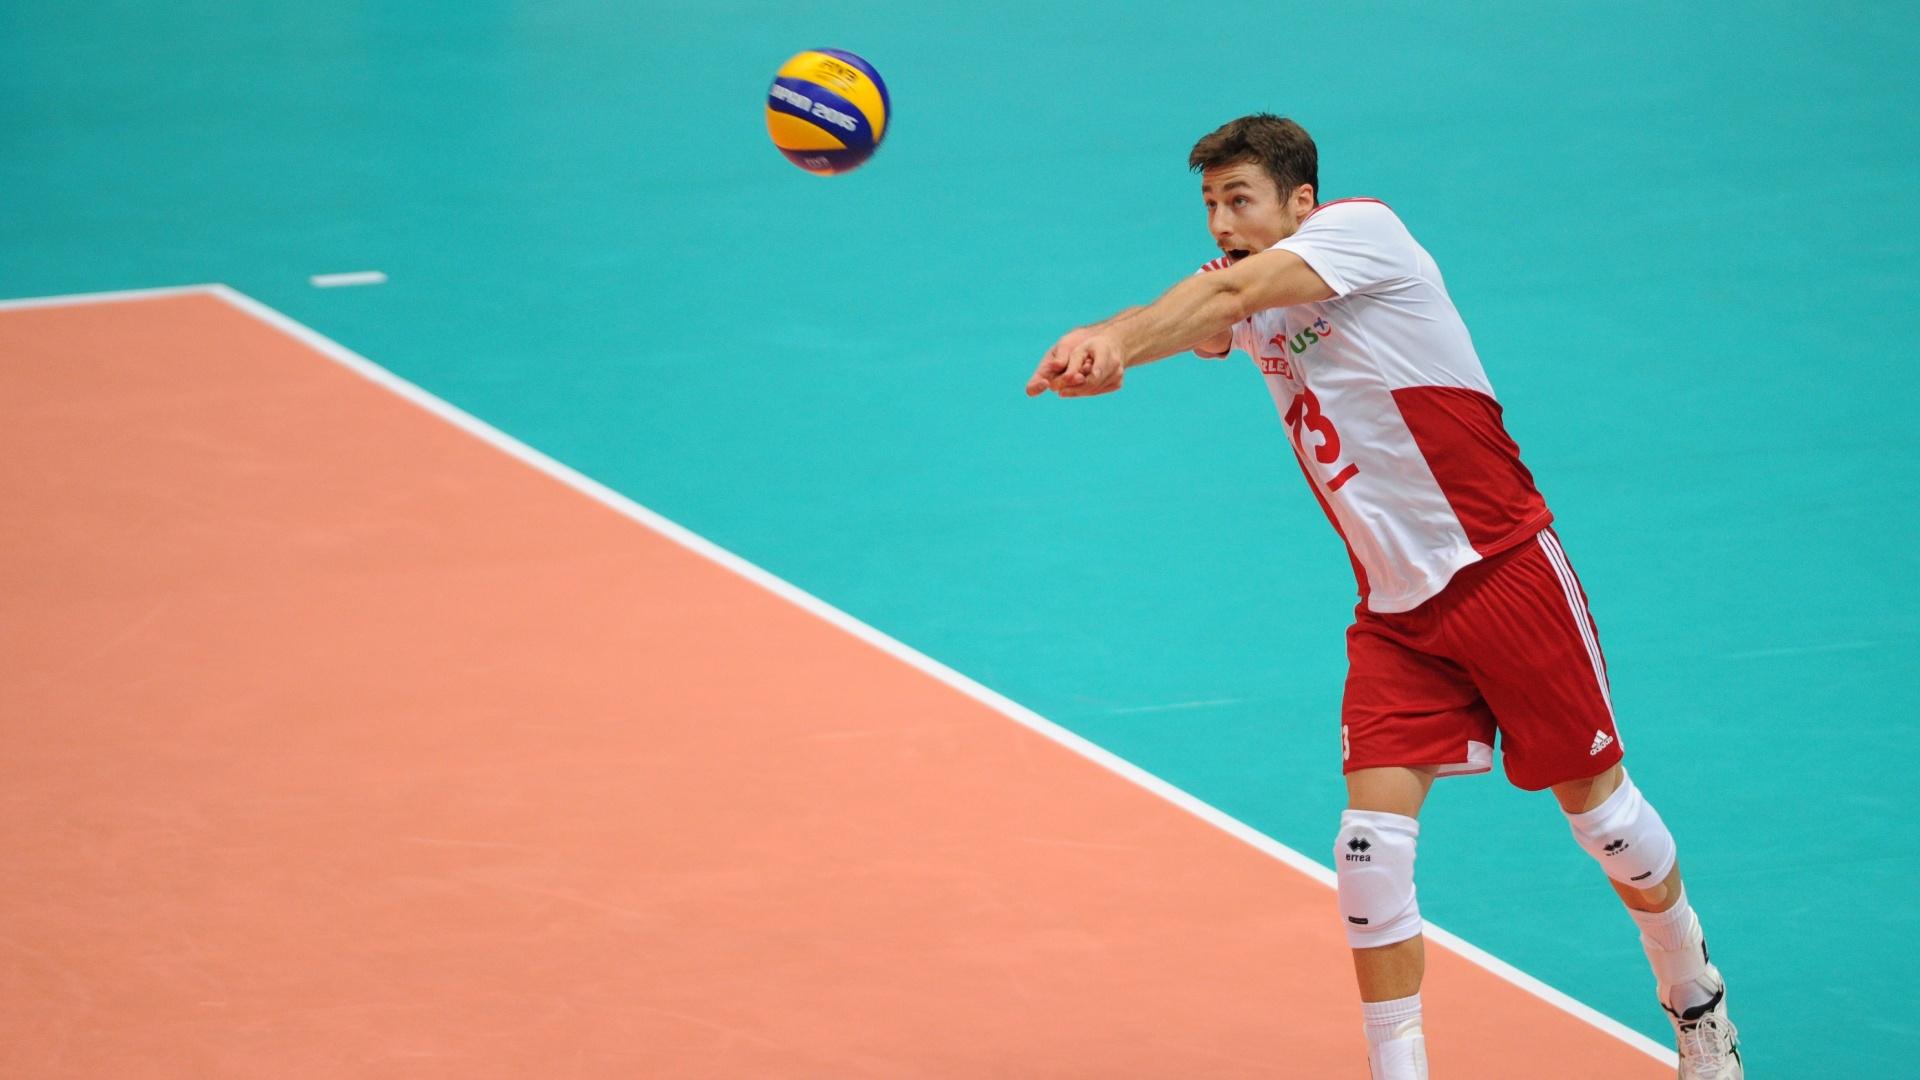 Michal Kubiak, atleta da seleção polonesa de vôlei